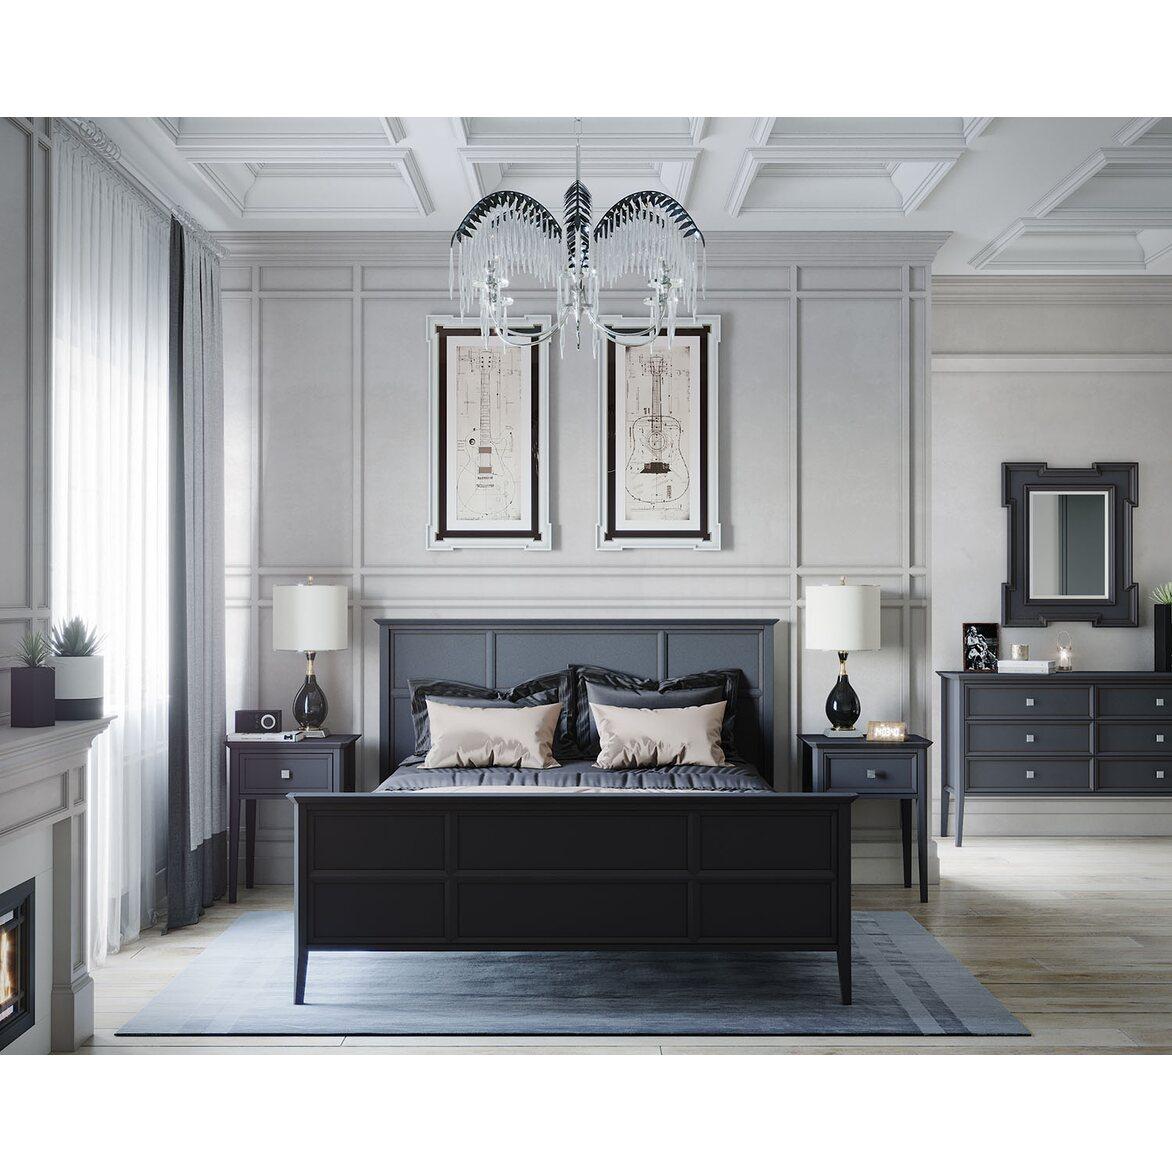 Кровать 160*200 Ellington, черная 3 | Двуспальные кровати Kingsby